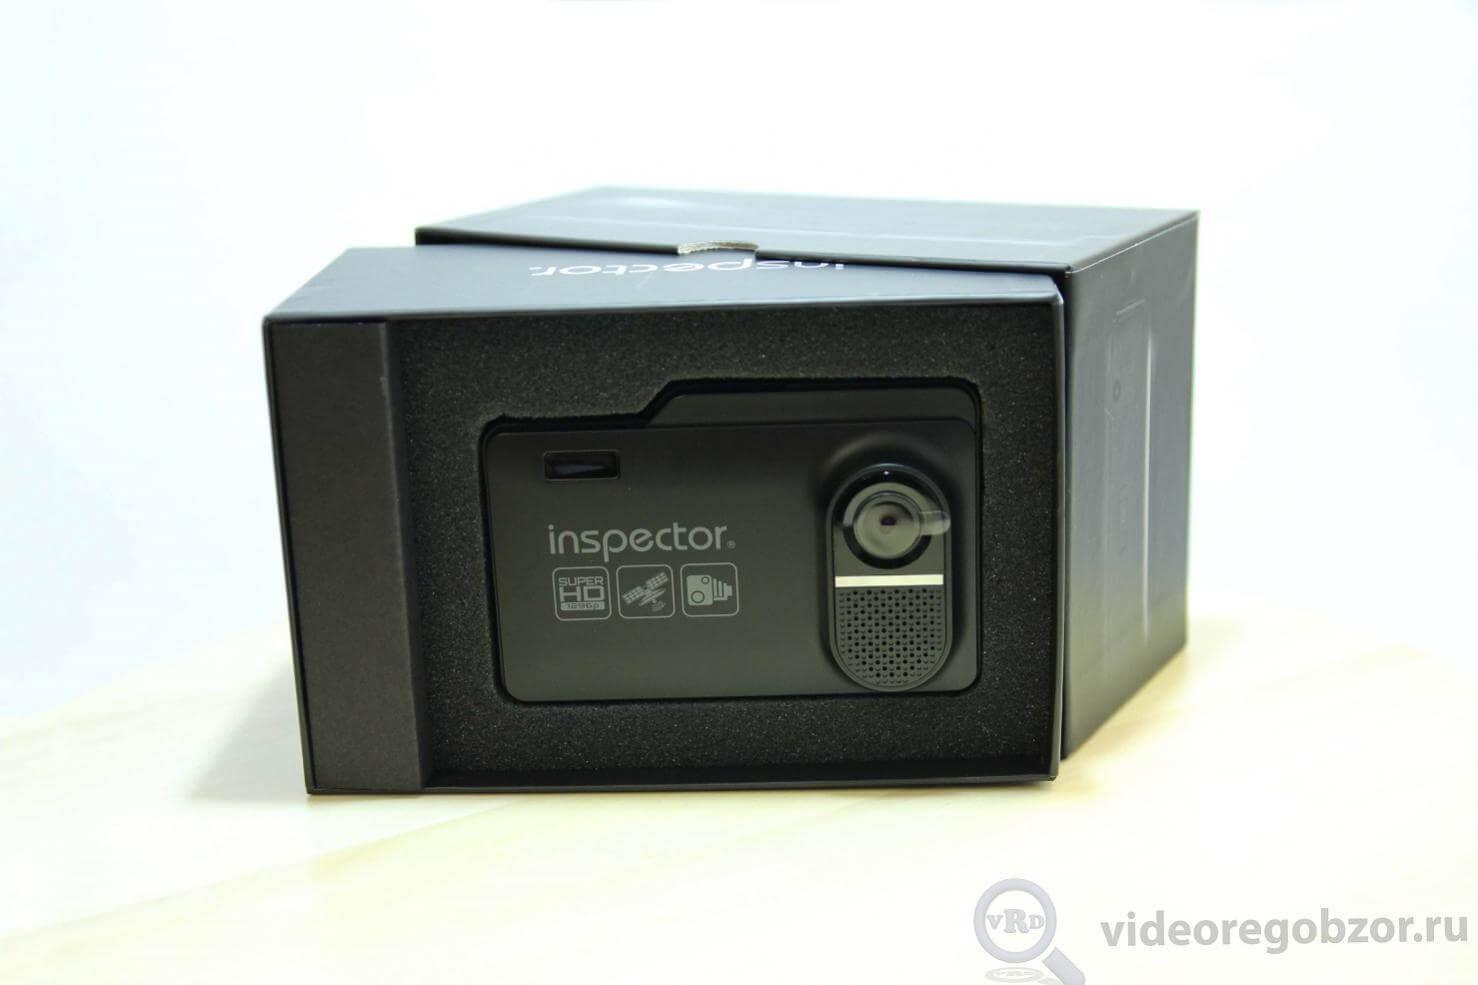 ОбзорInspectorSCAT лучшеекомпактноерешение